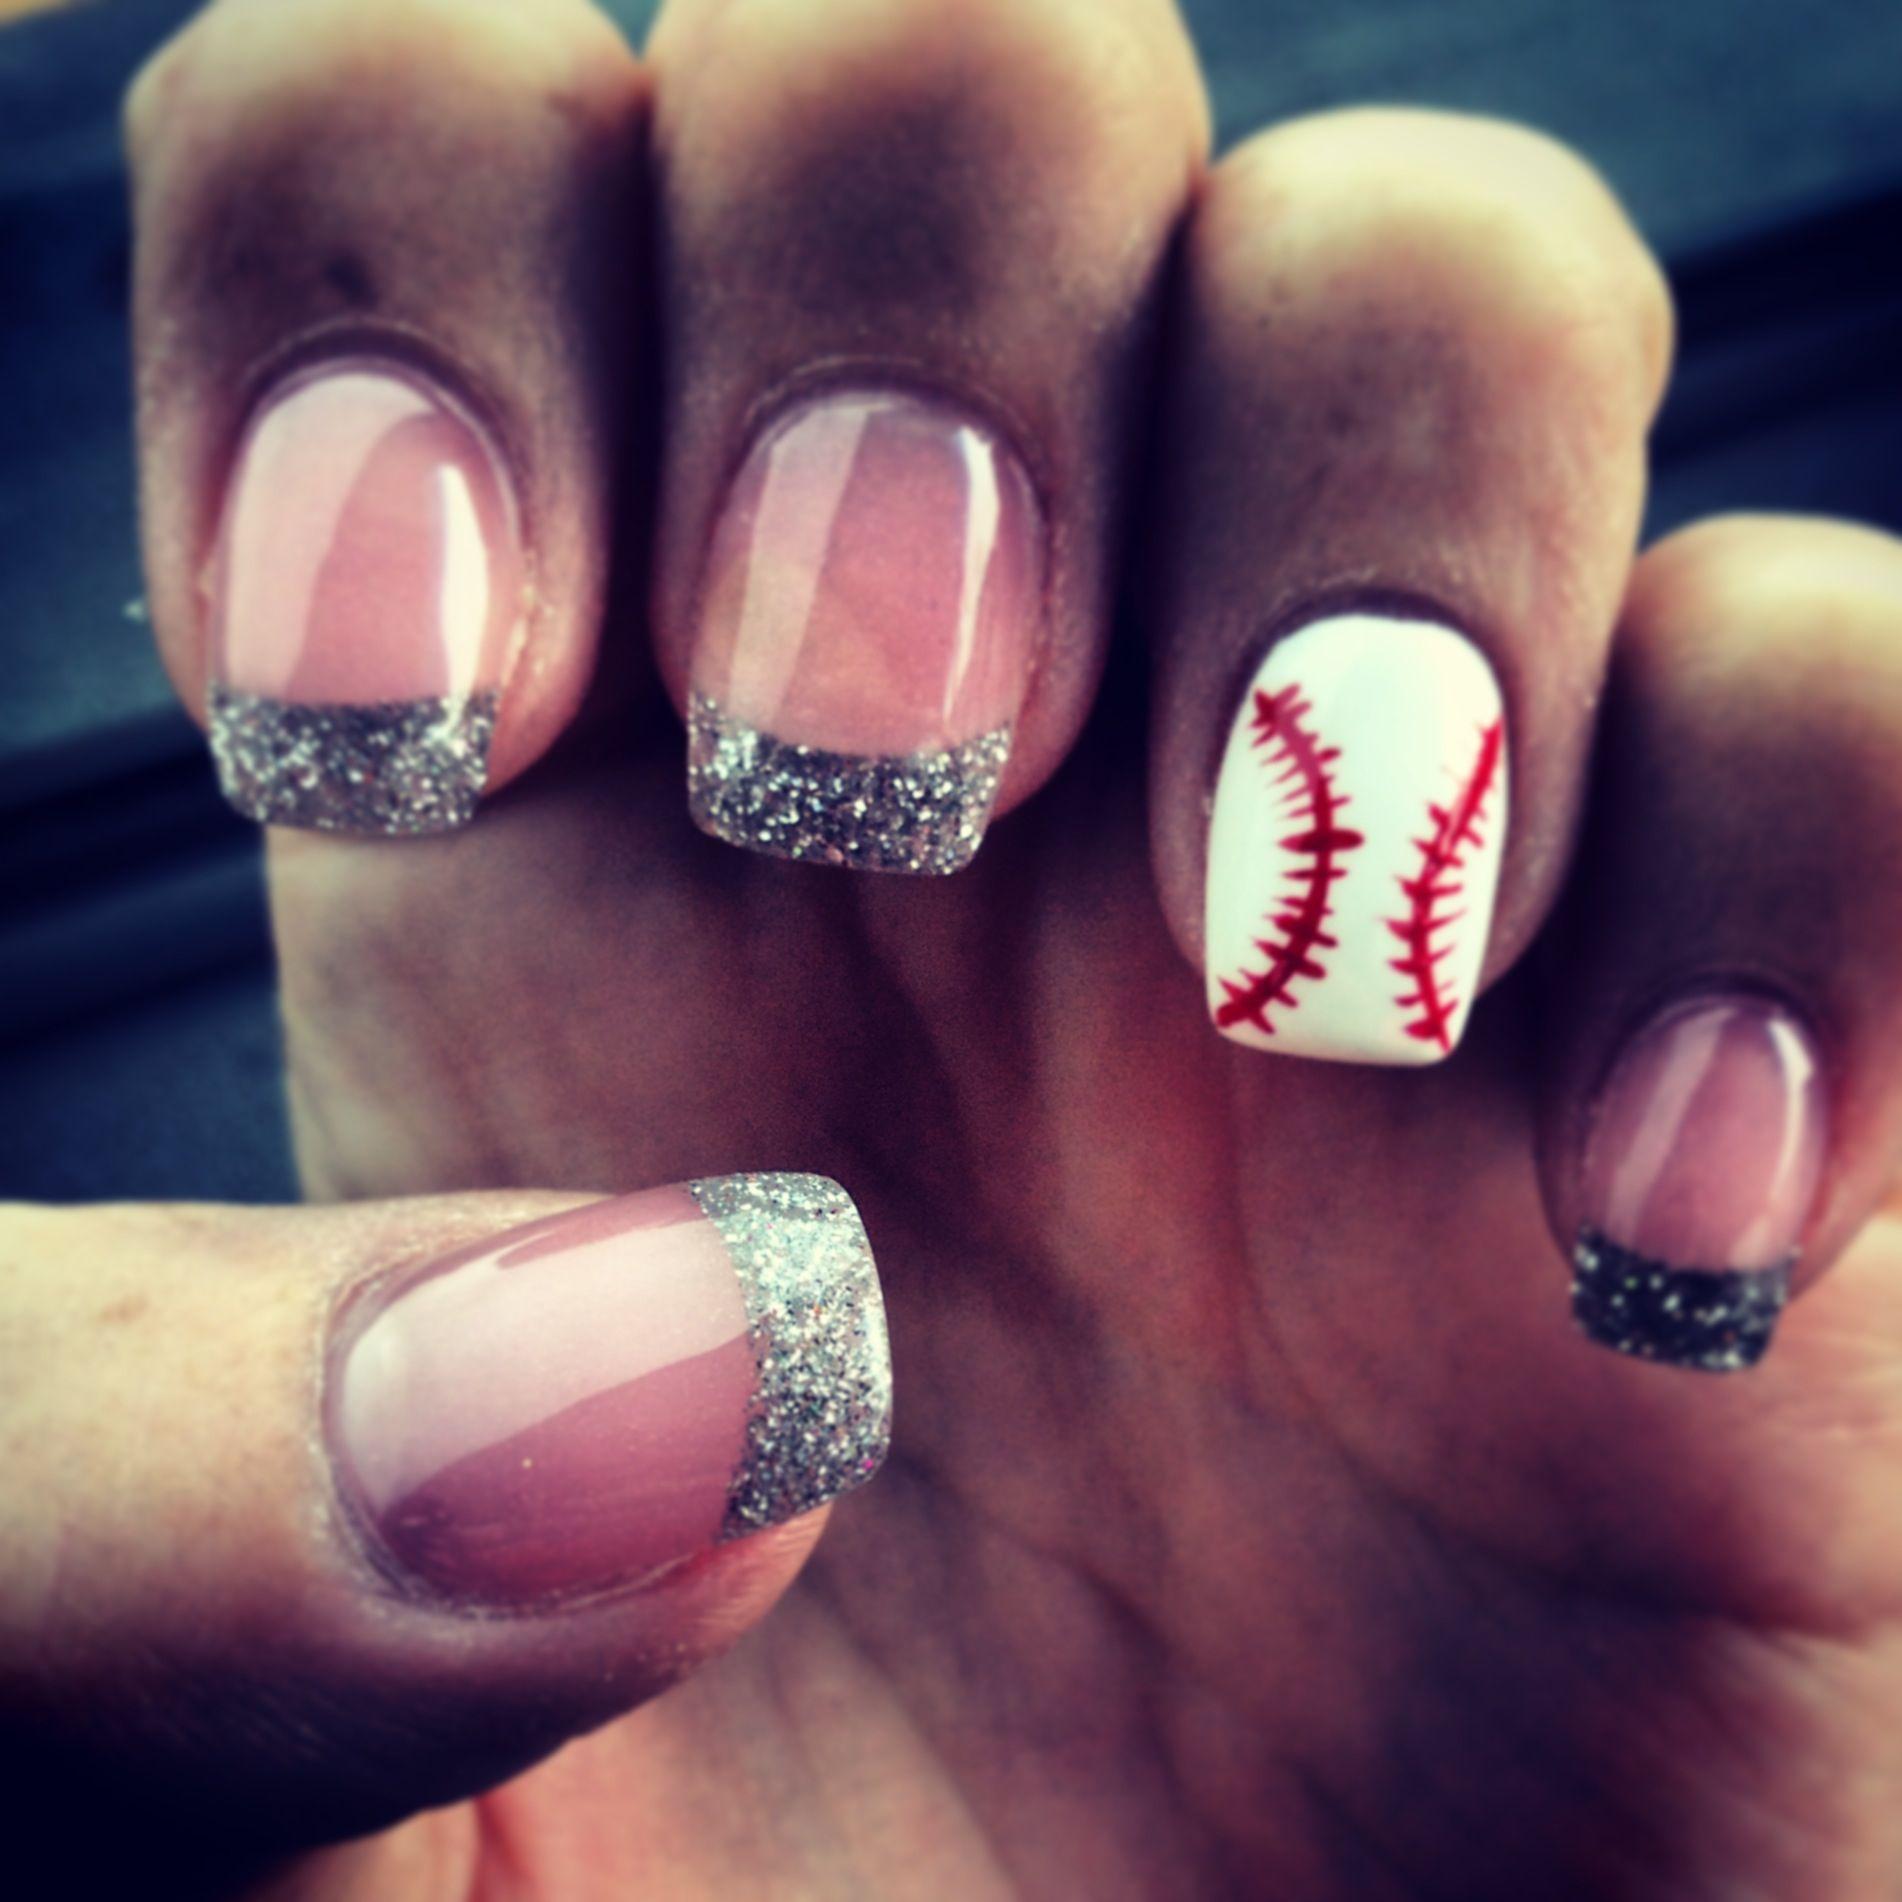 Baseball nails #sparkly #baseball #nails   nails   Pinterest ...